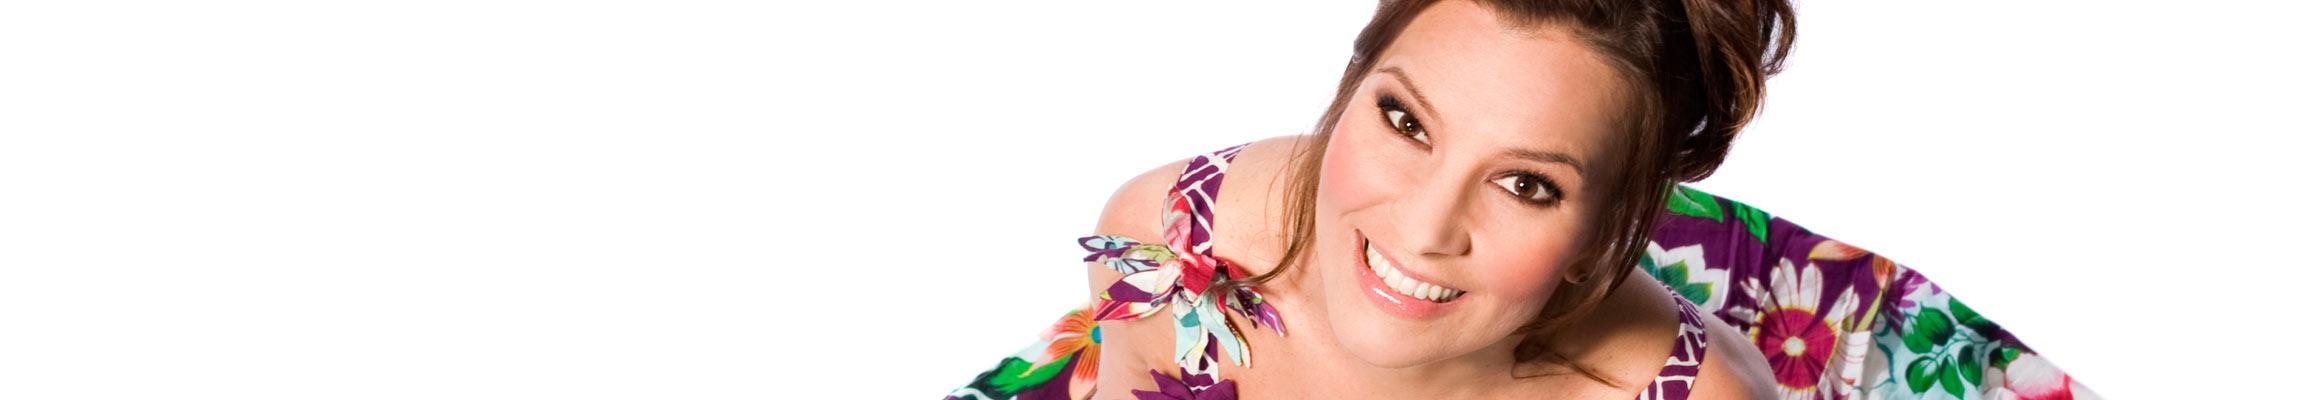 Laulaja Arja Korisevalle tehtiin silmäleikkaus Medilaserissa.